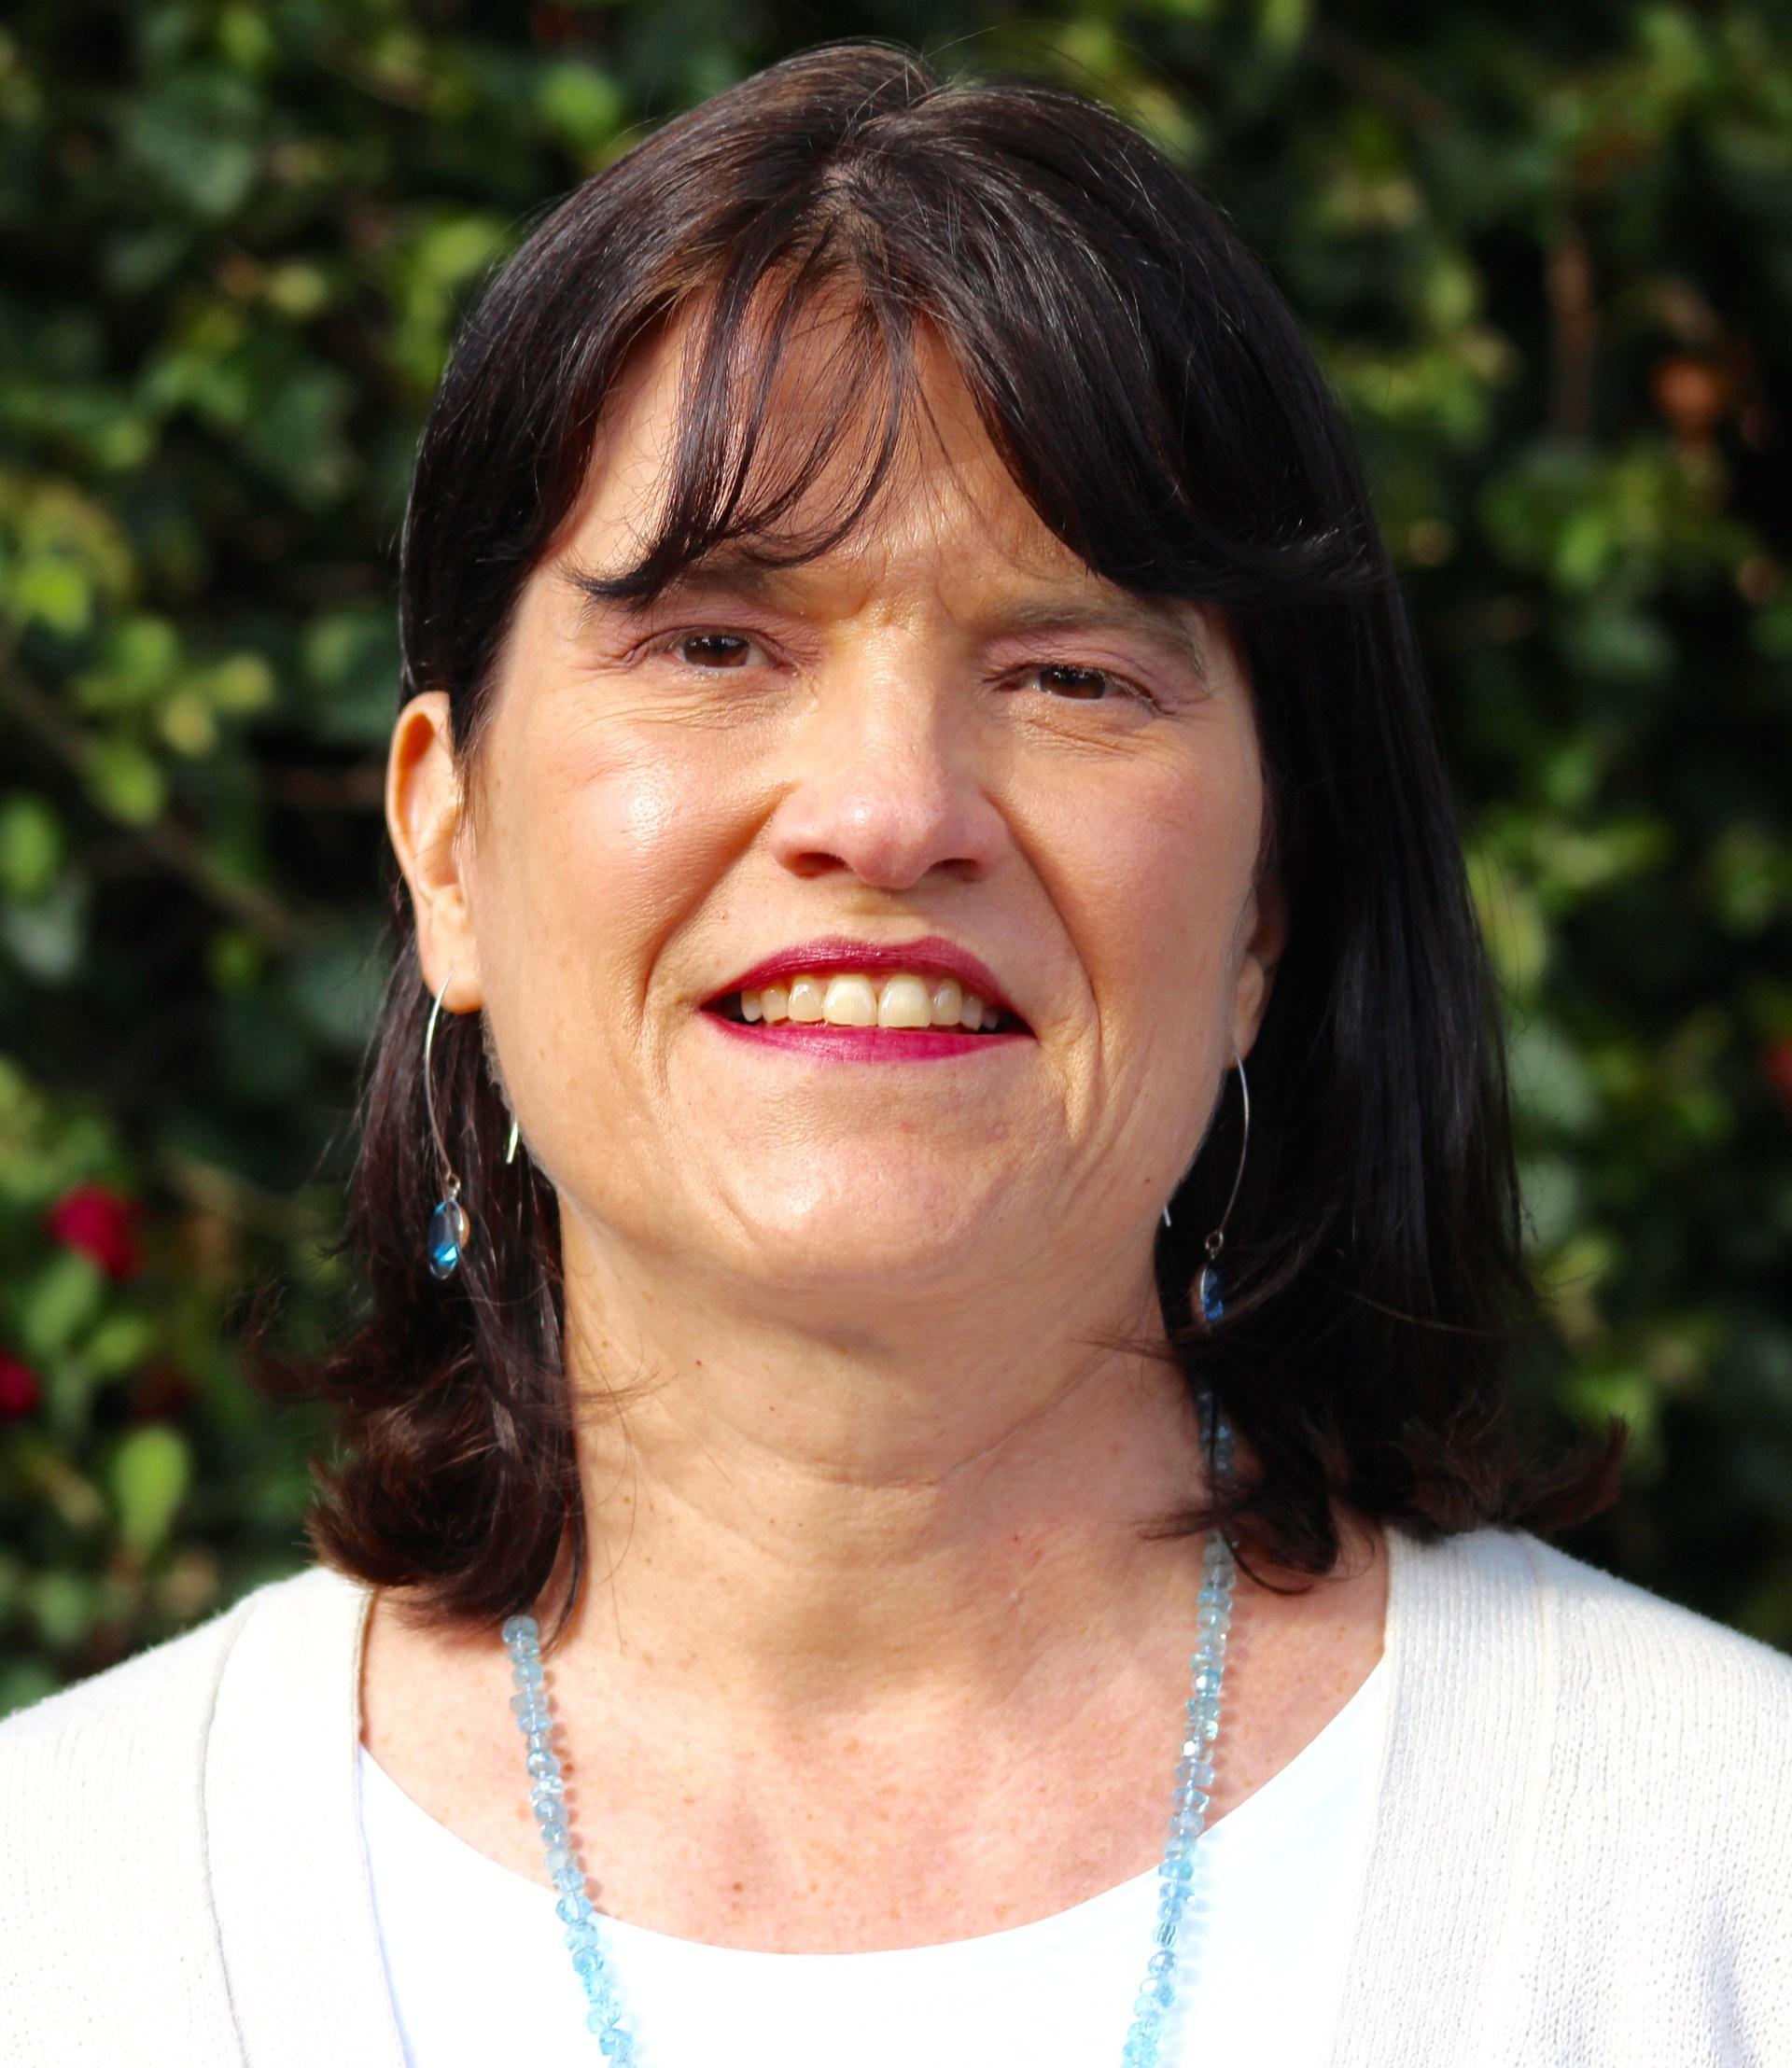 Katherine Christ